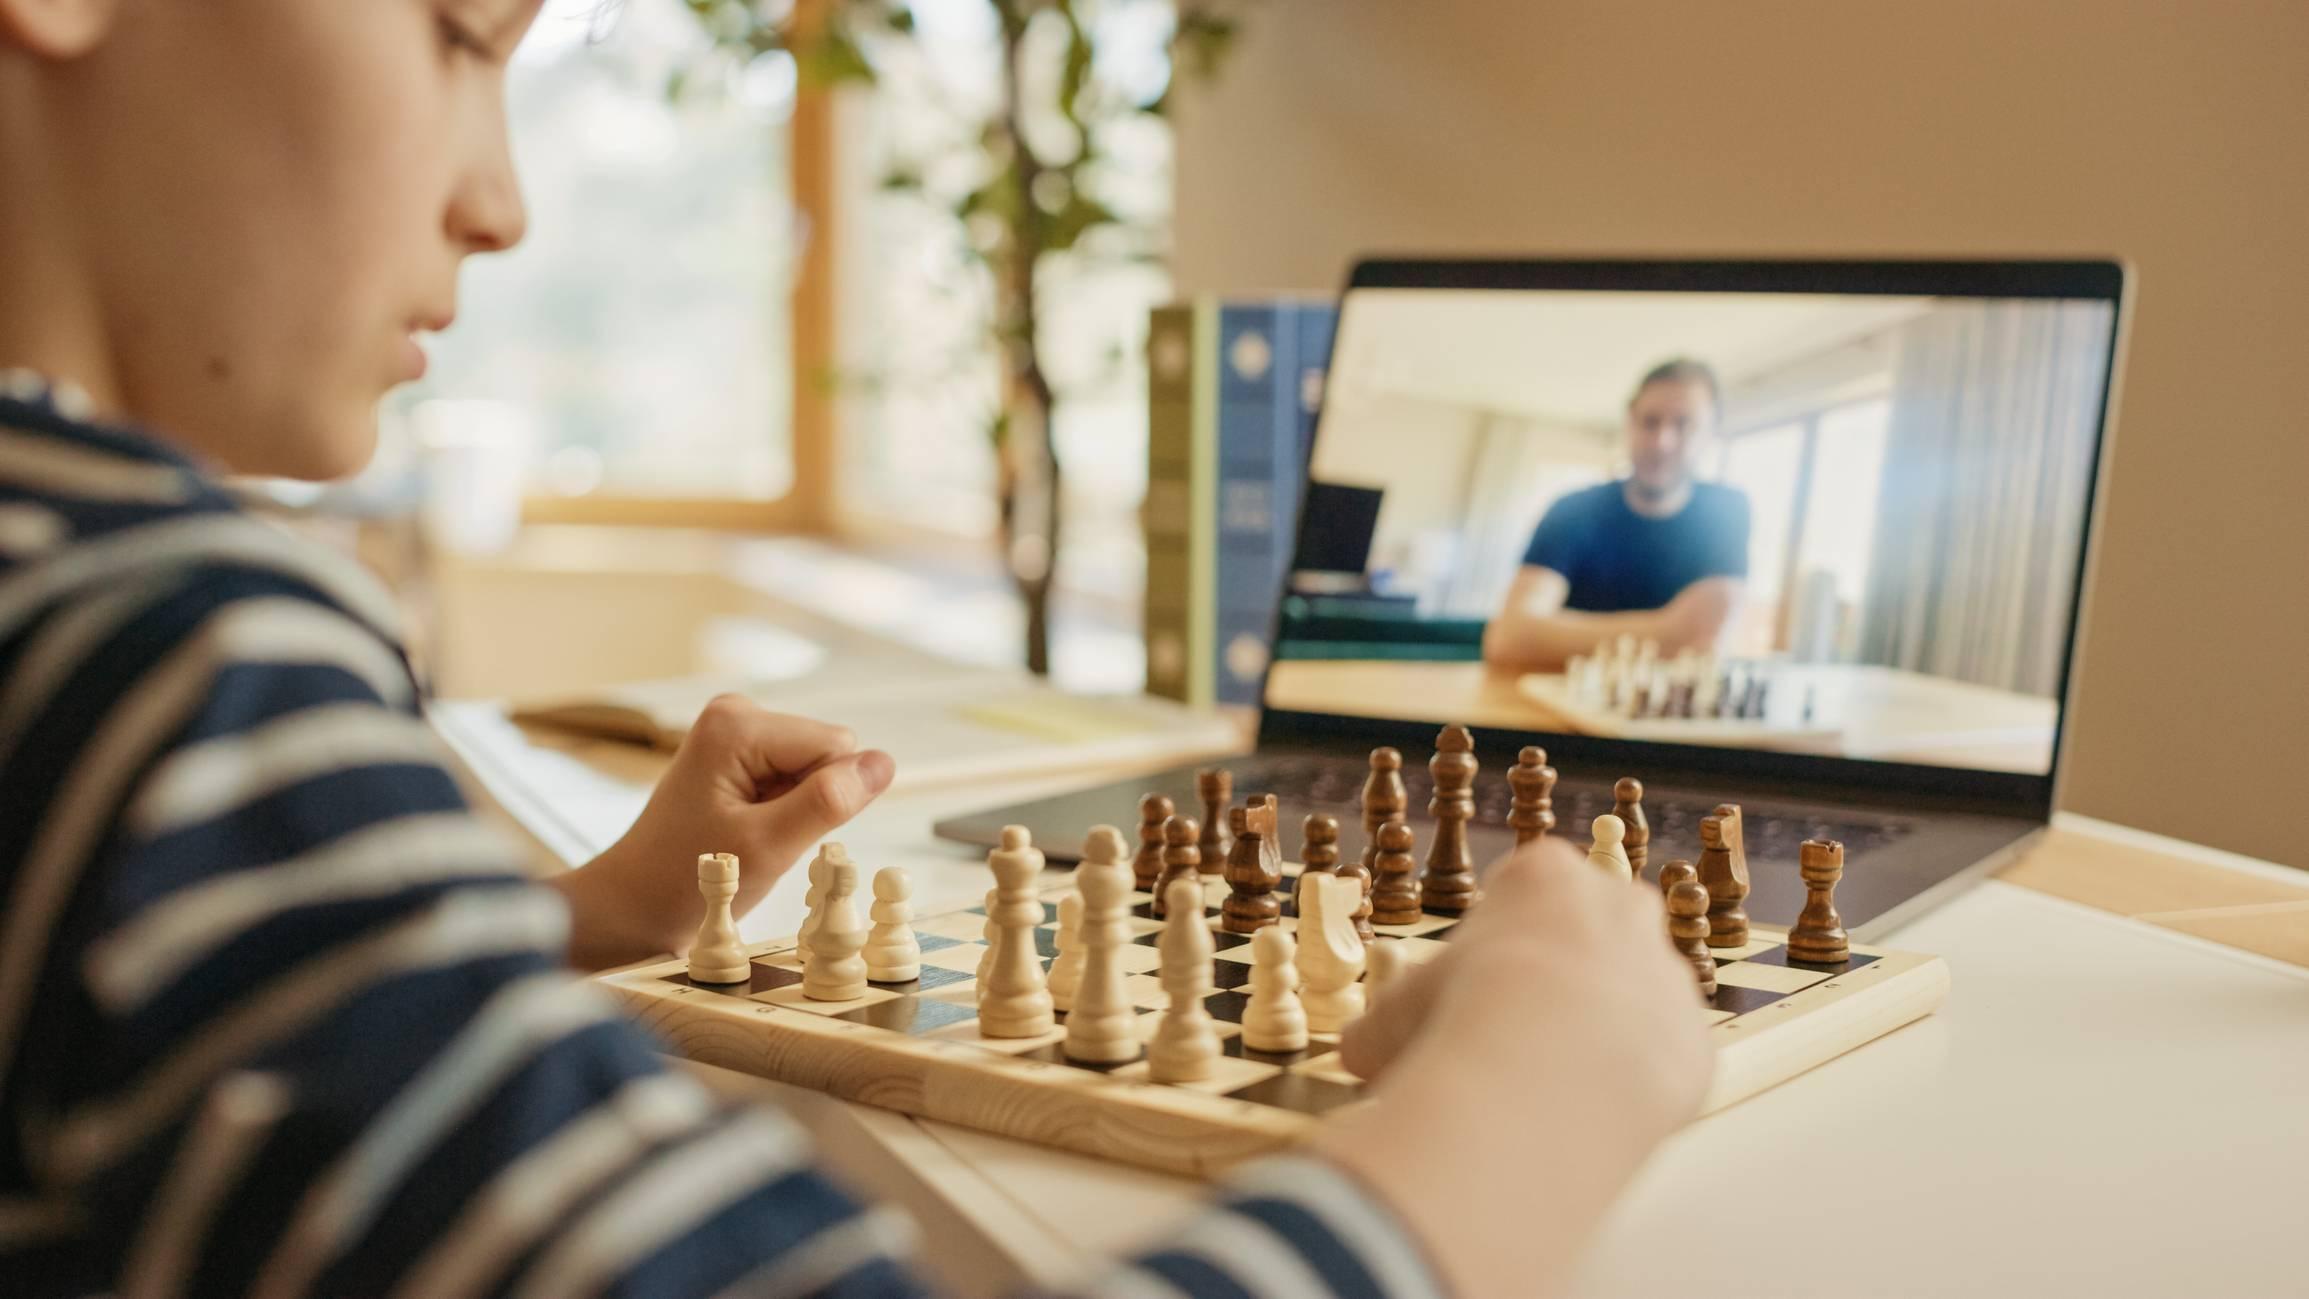 jeu d'échecs apprentissage en ligne